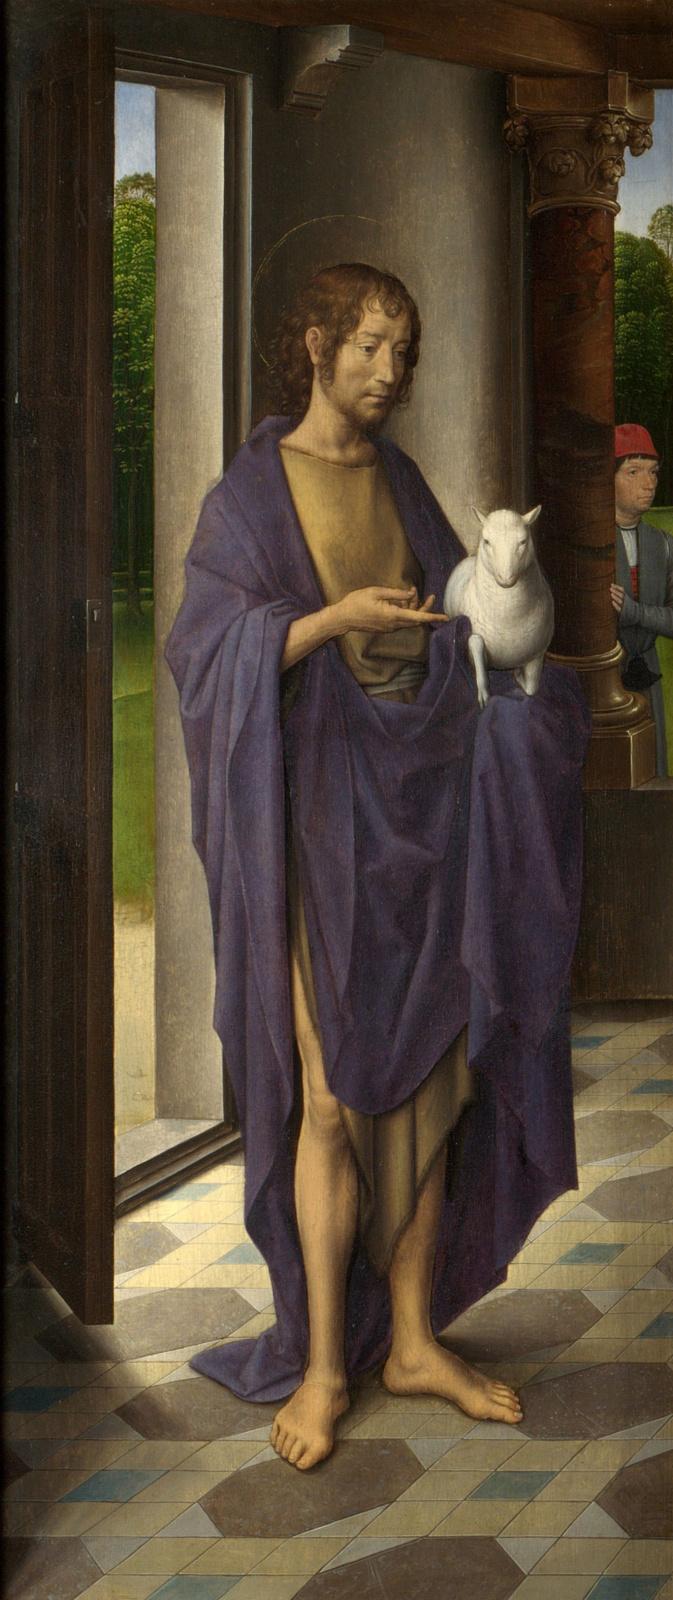 Ганс Мемлинг. Святой Иоанн Креститель. Триптих Донна. Левая створка.